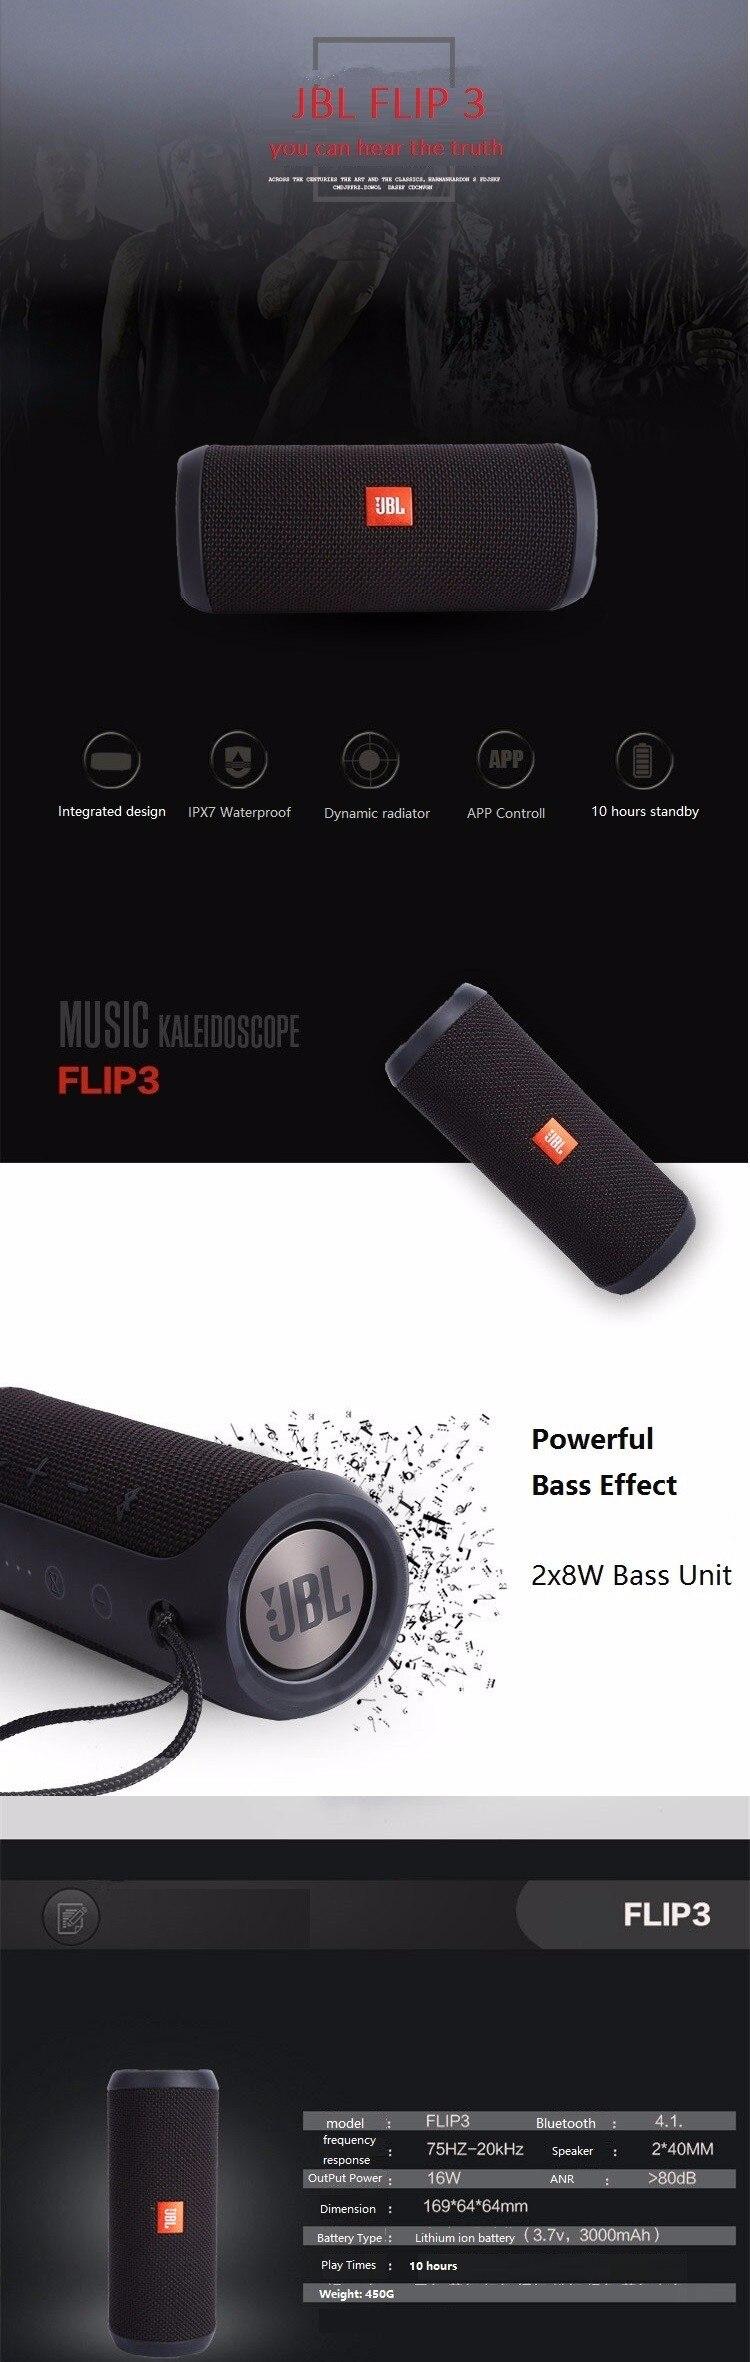 JBL FLIP 3 Wireless portable speaker 1